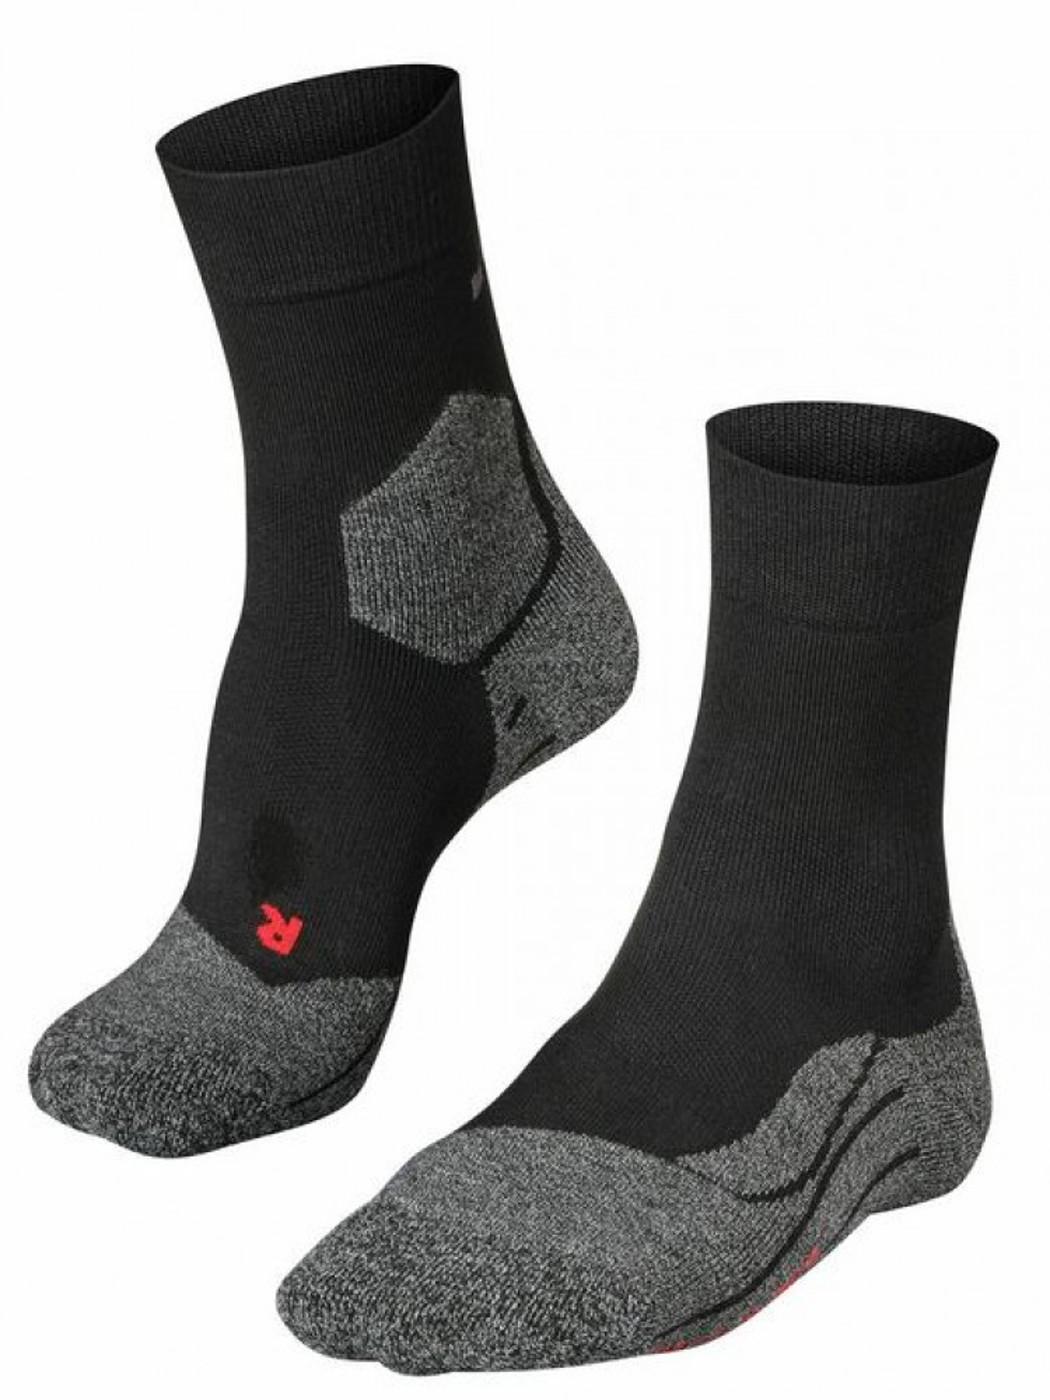 FALKE Socken RU3 - Herren